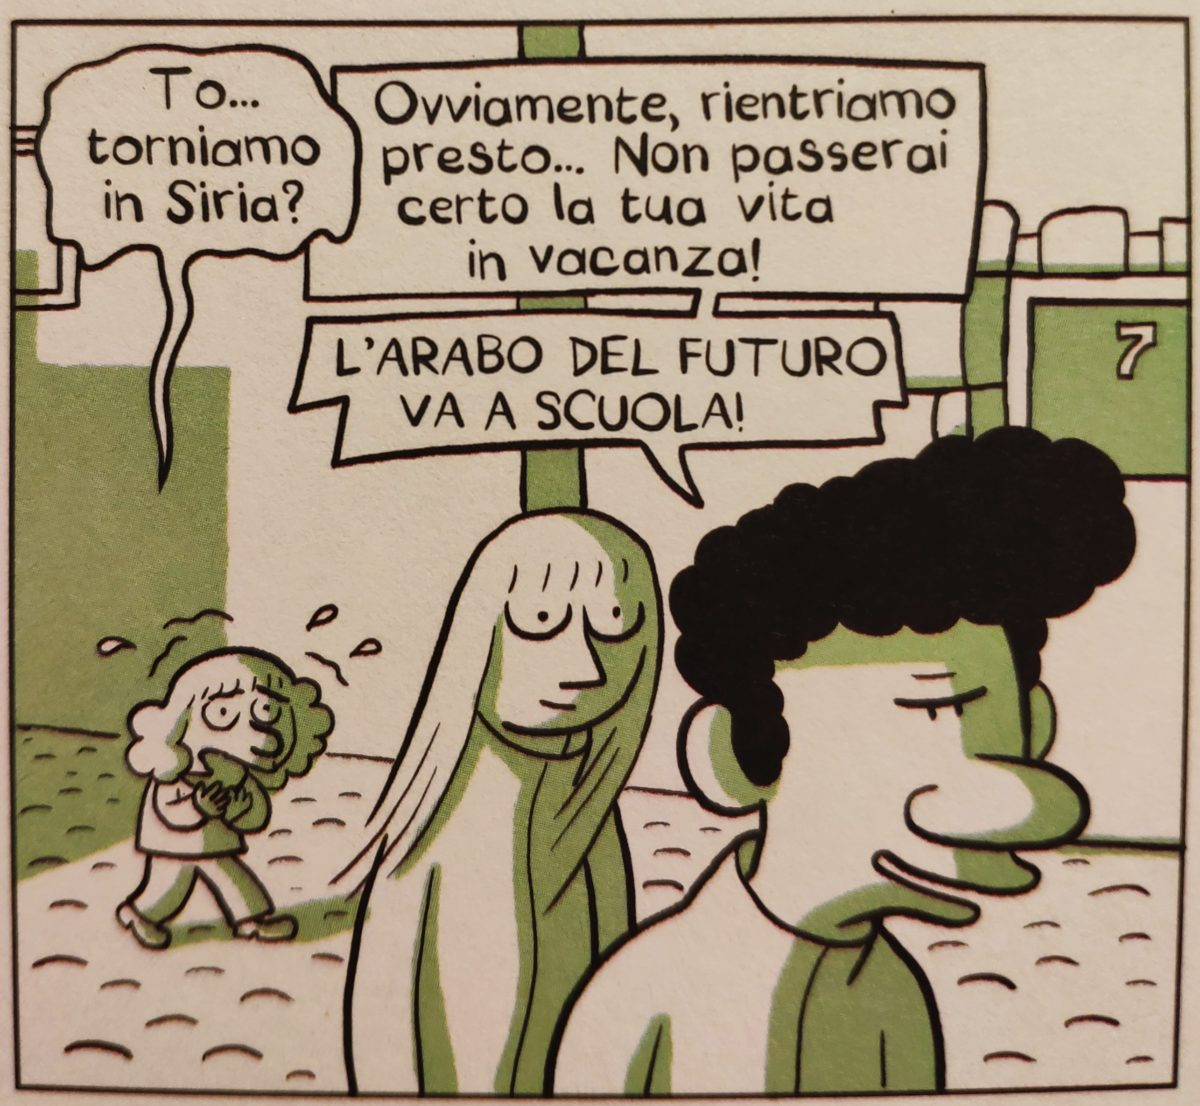 Mio caro fumetto... - L'arabo del futuro va a scuola